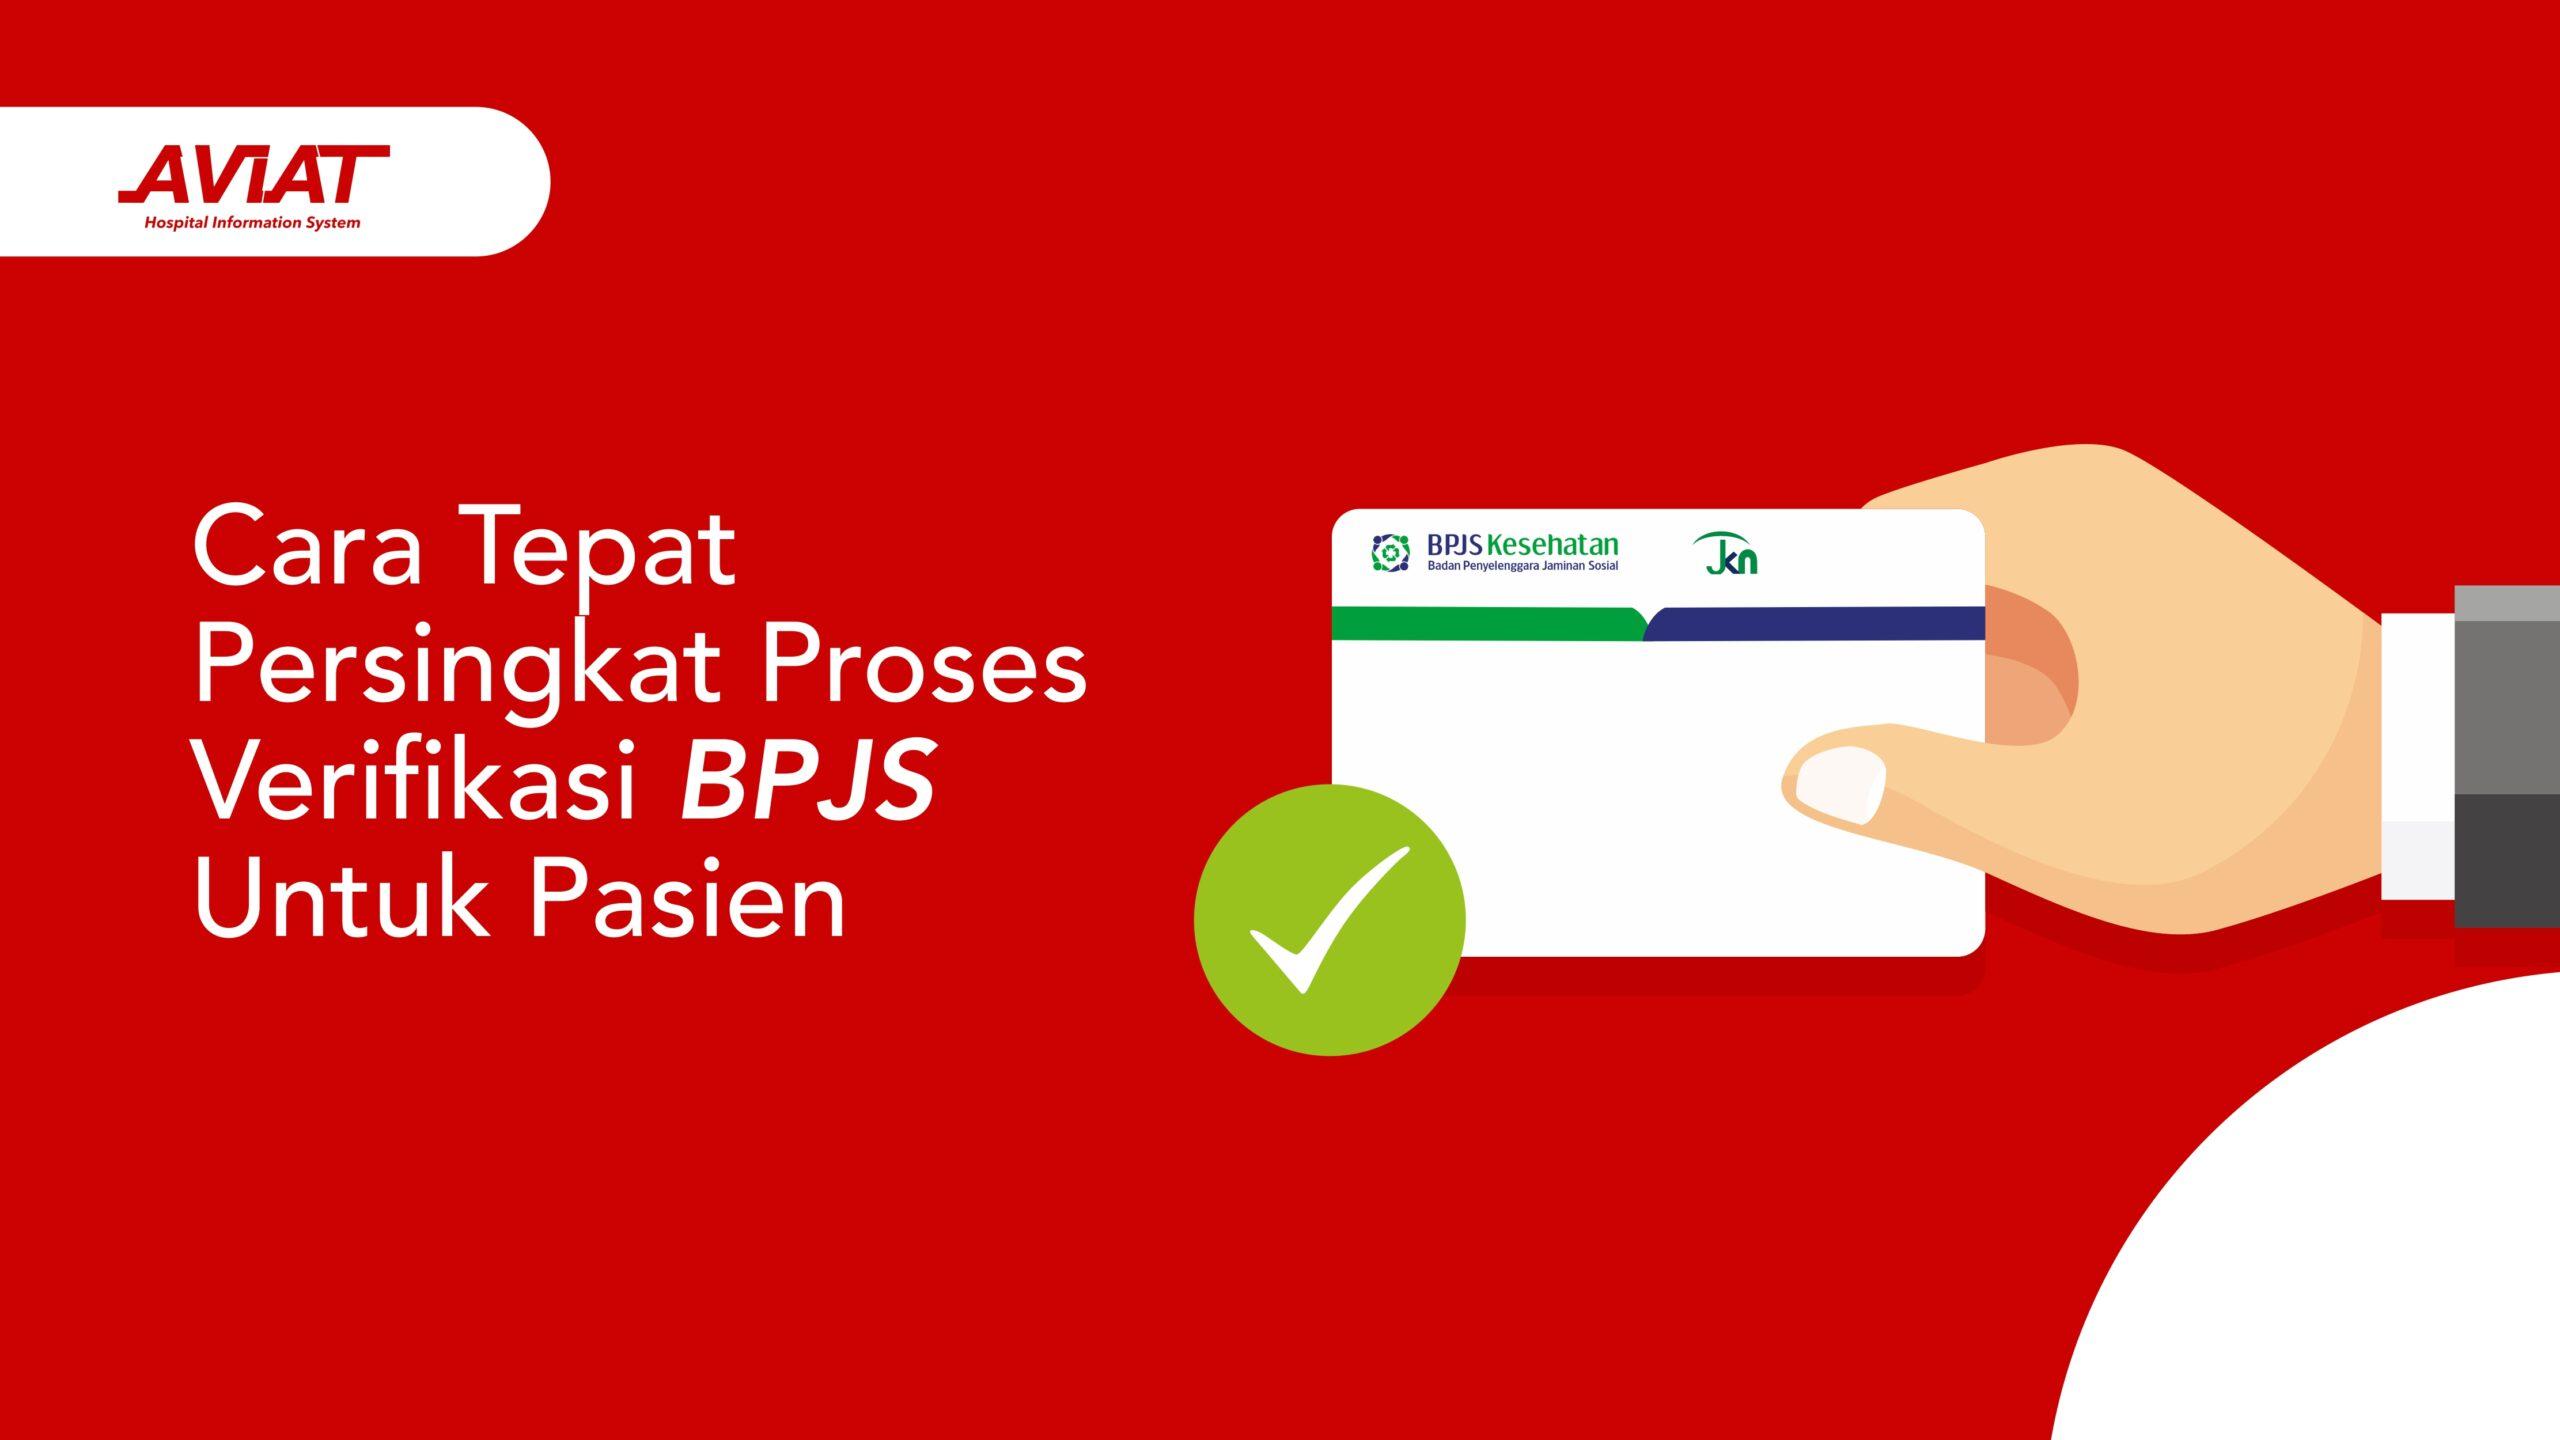 Cara Tepat Persingkat Proses Verifikasi BPJS untuk Pasien